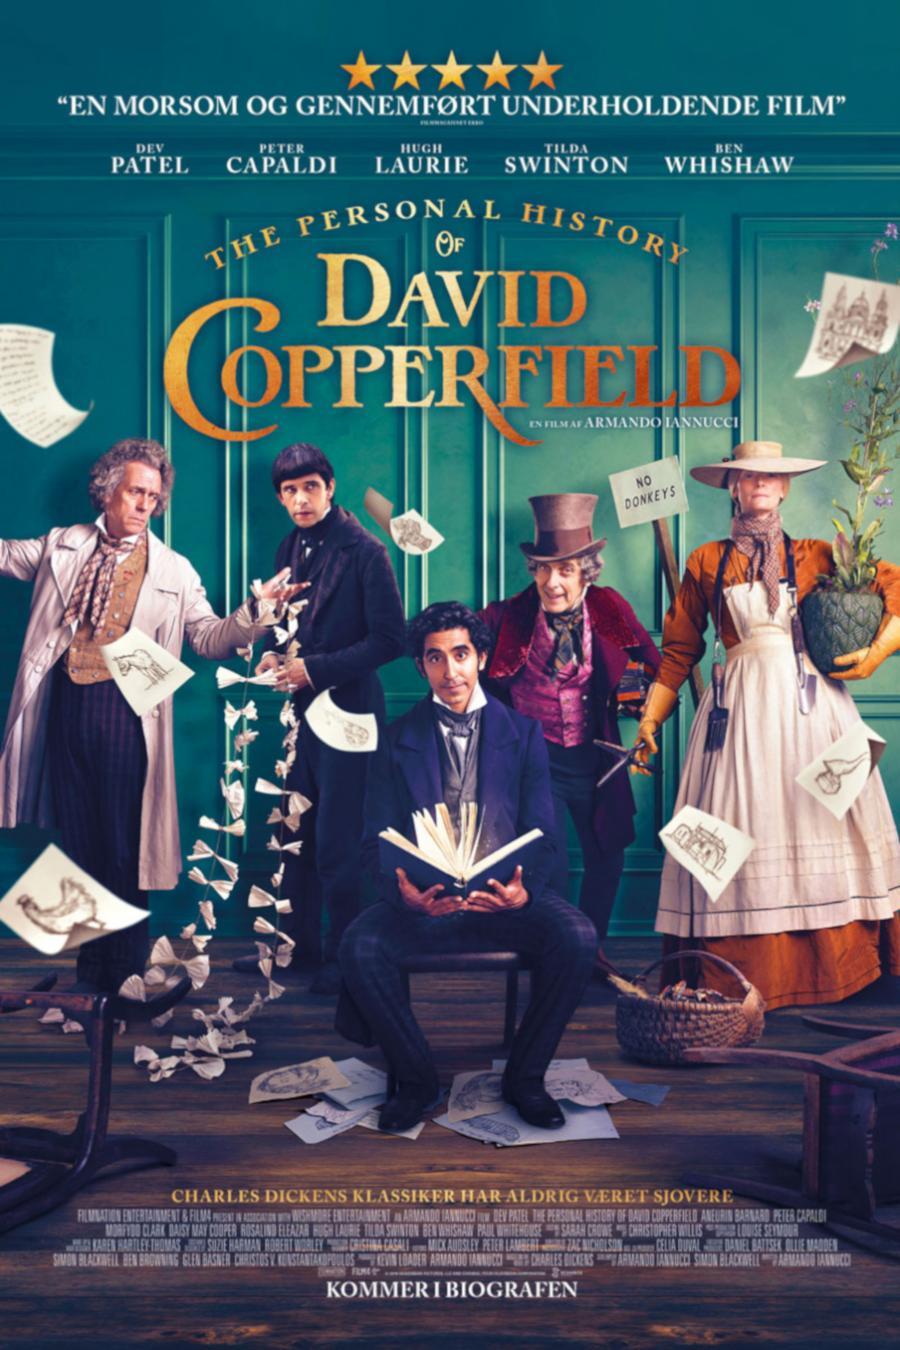 Filmplakat af David Copperfield